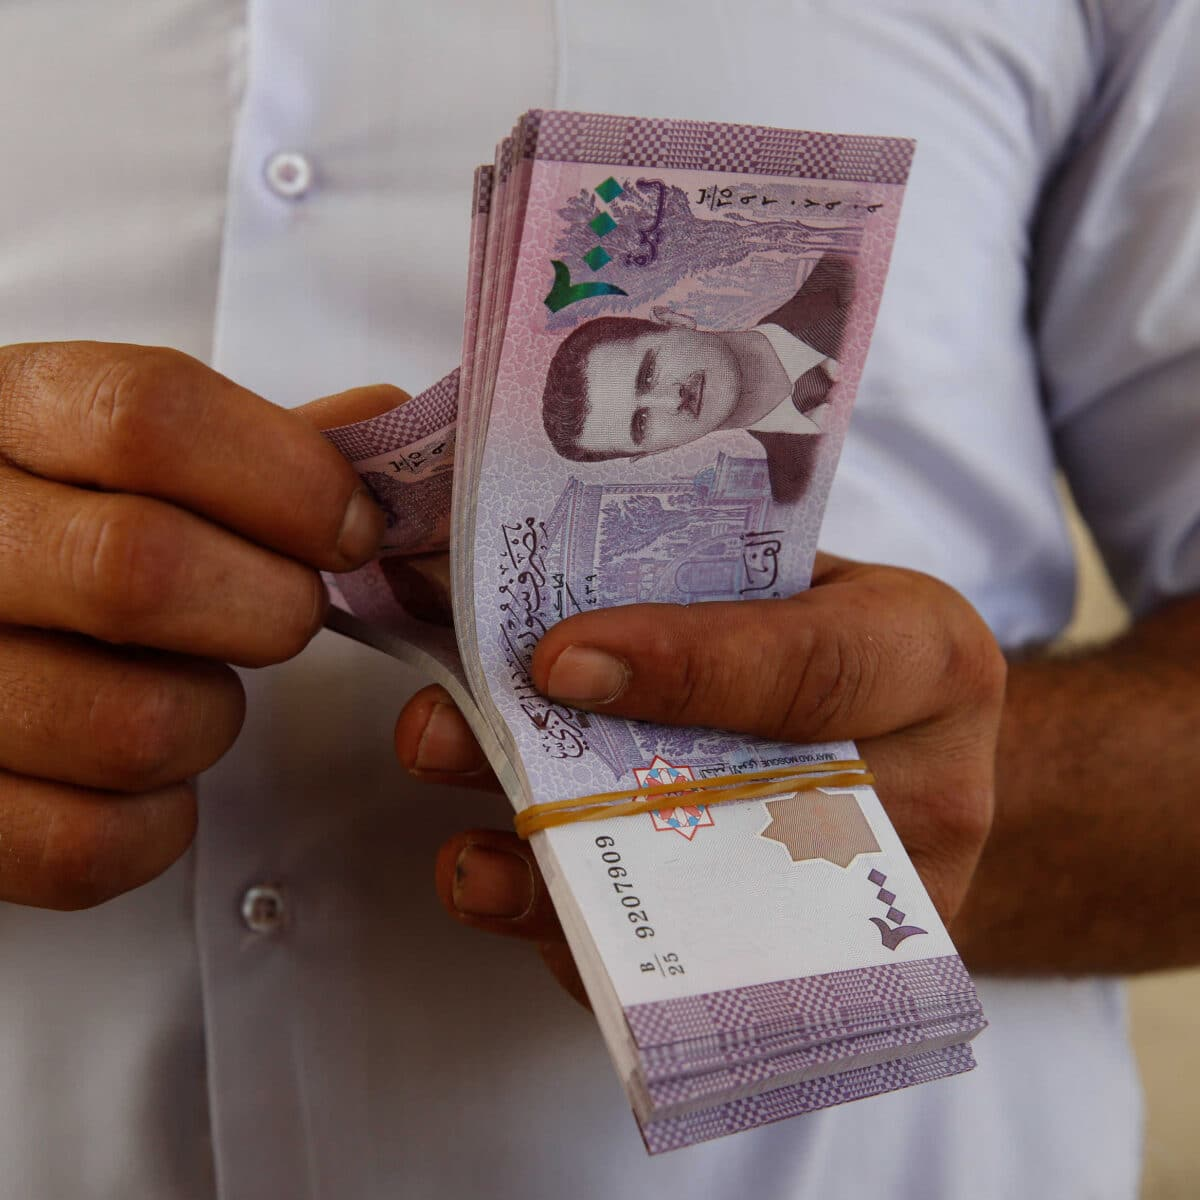 عاملات فلبينيات عائدات من دمشق